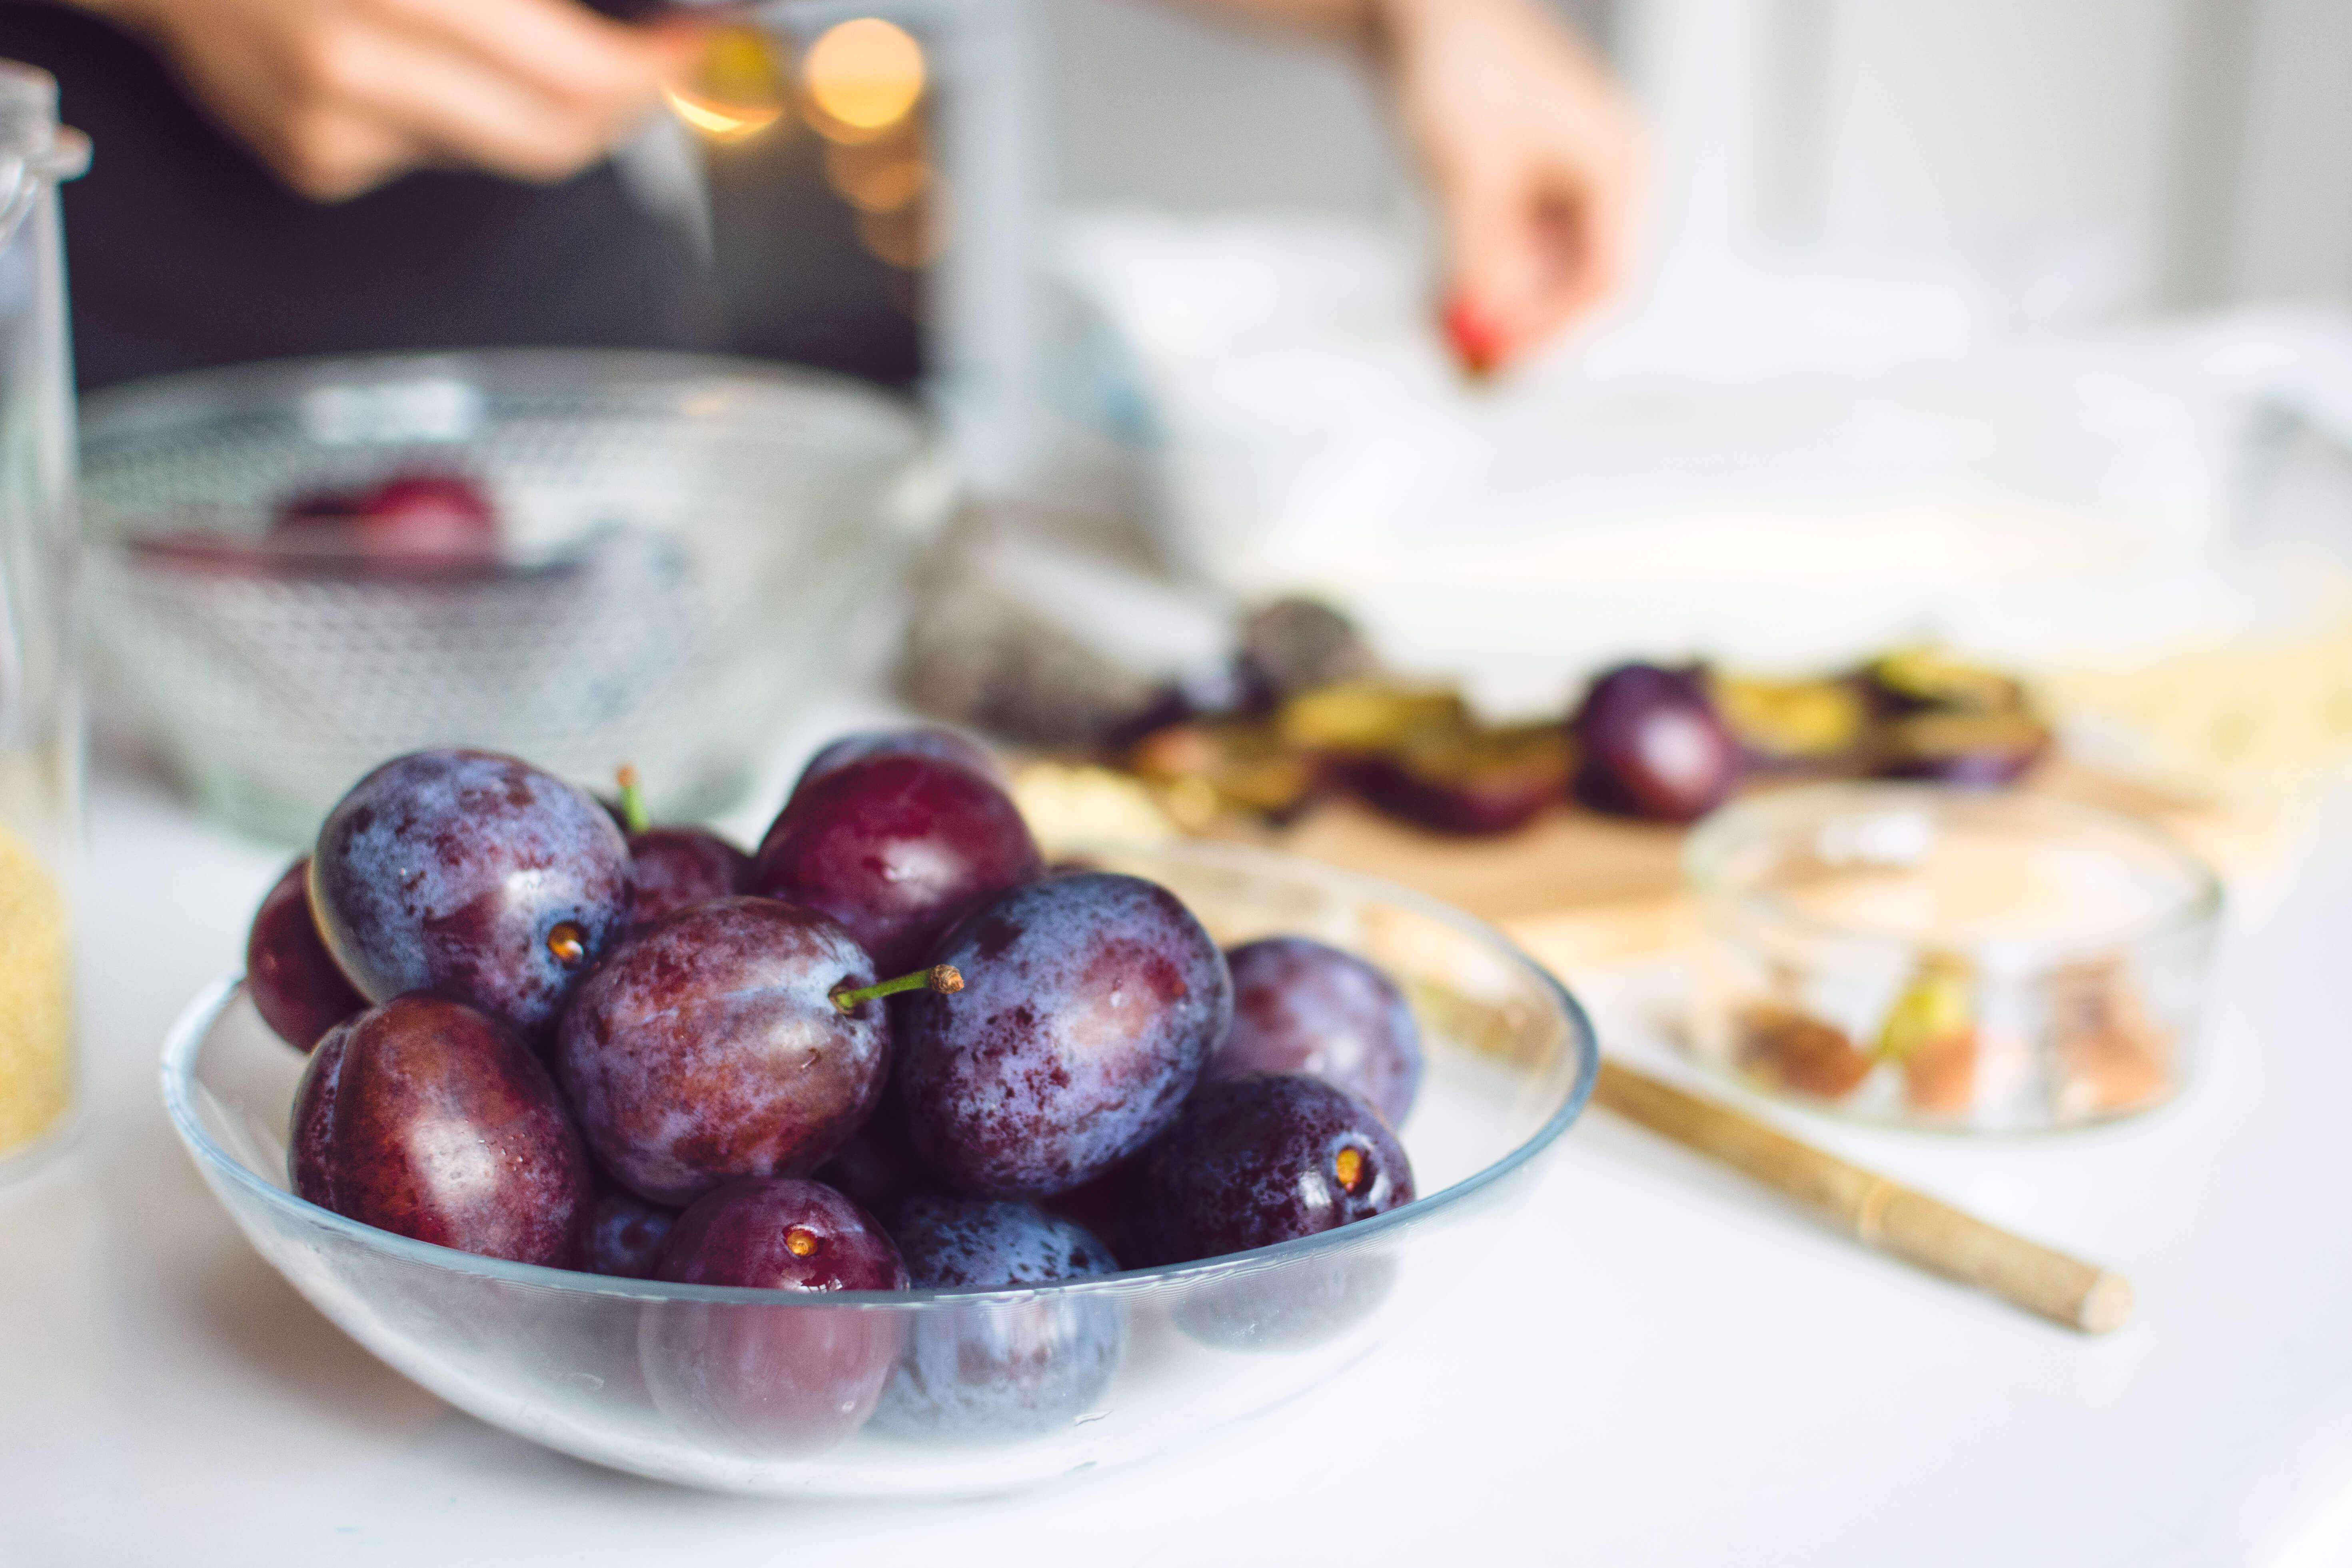 料理撮影、フードスタイリングの参考になるサイト 4選